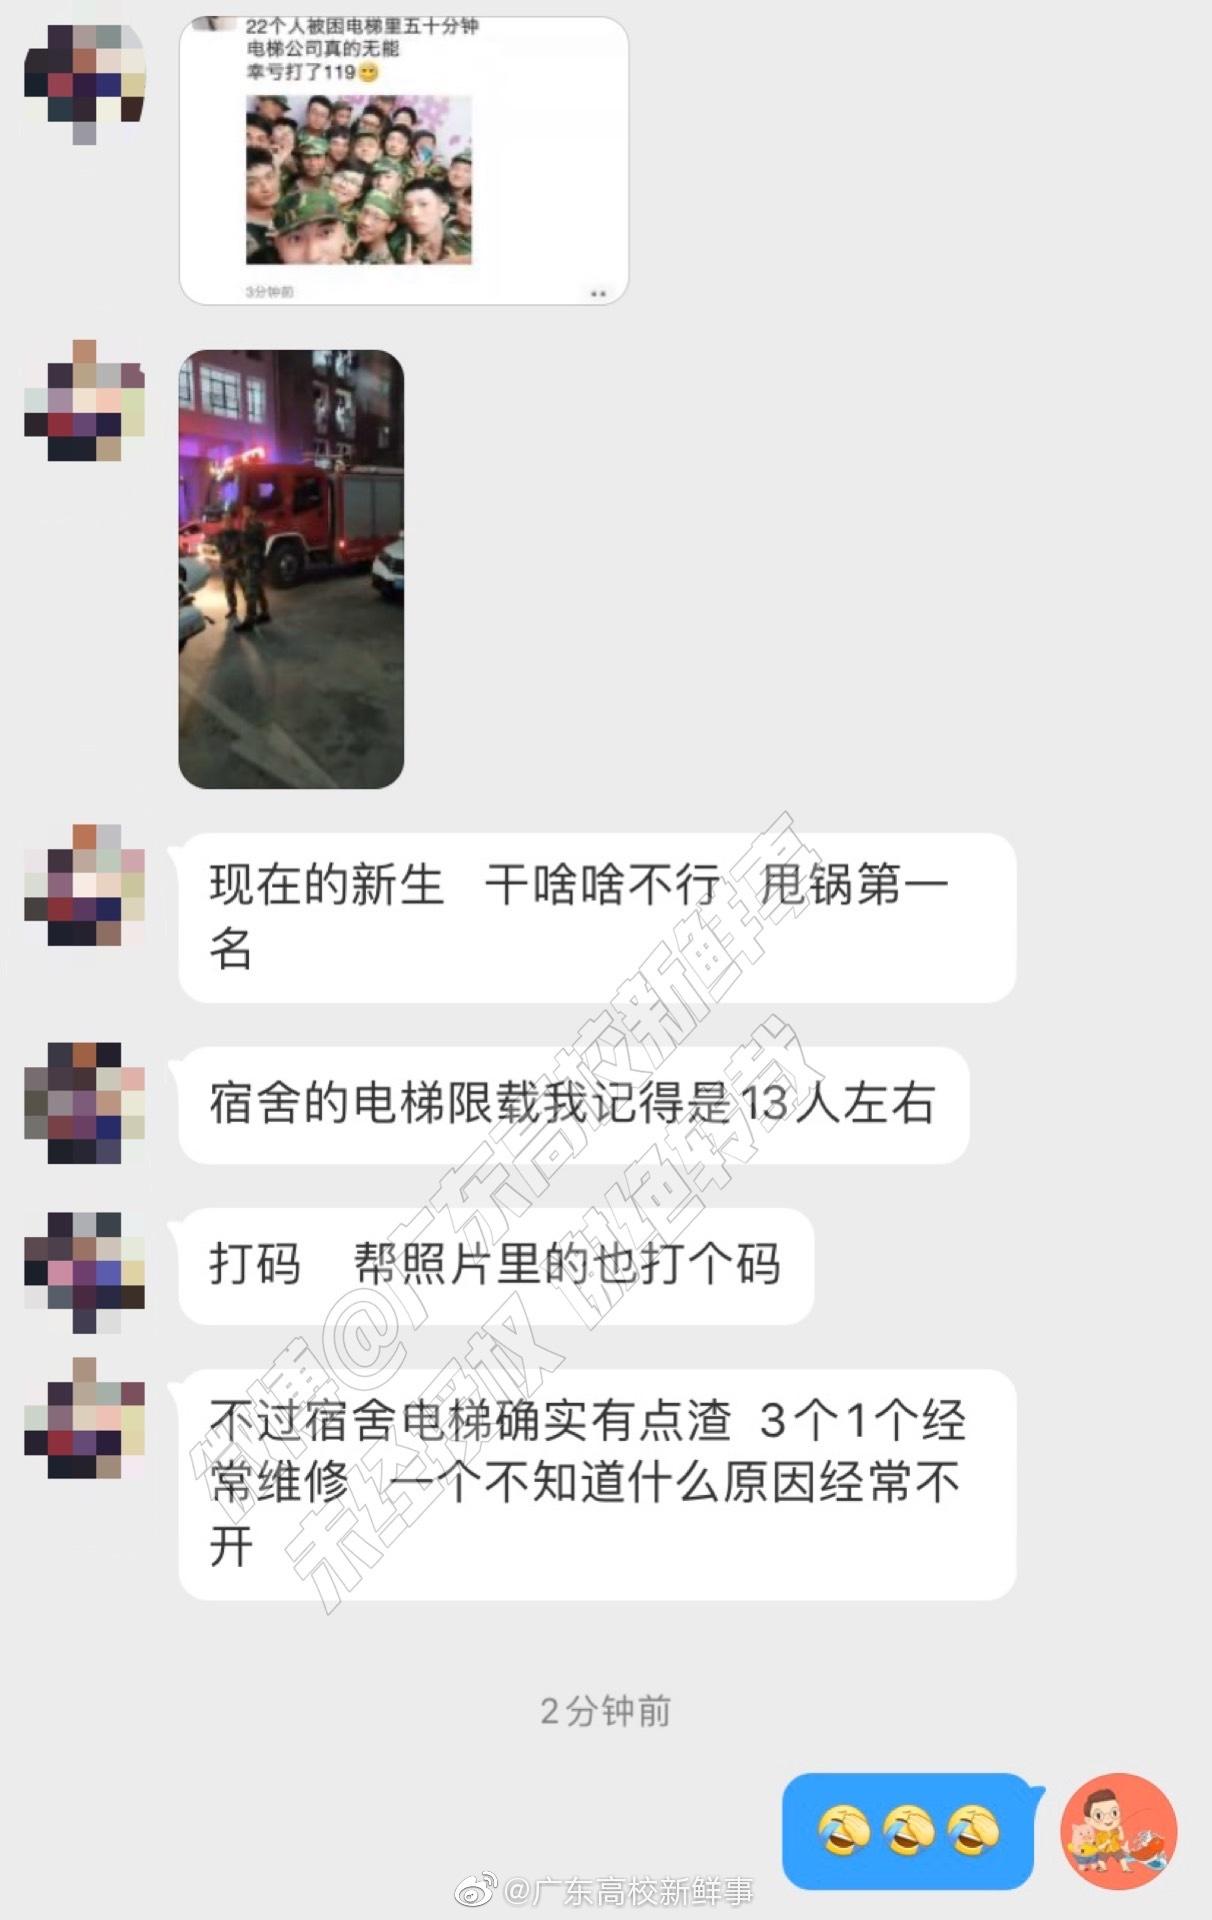 华南理工大学广州学院大一新生,22个人挤进了限载13人左右的电梯